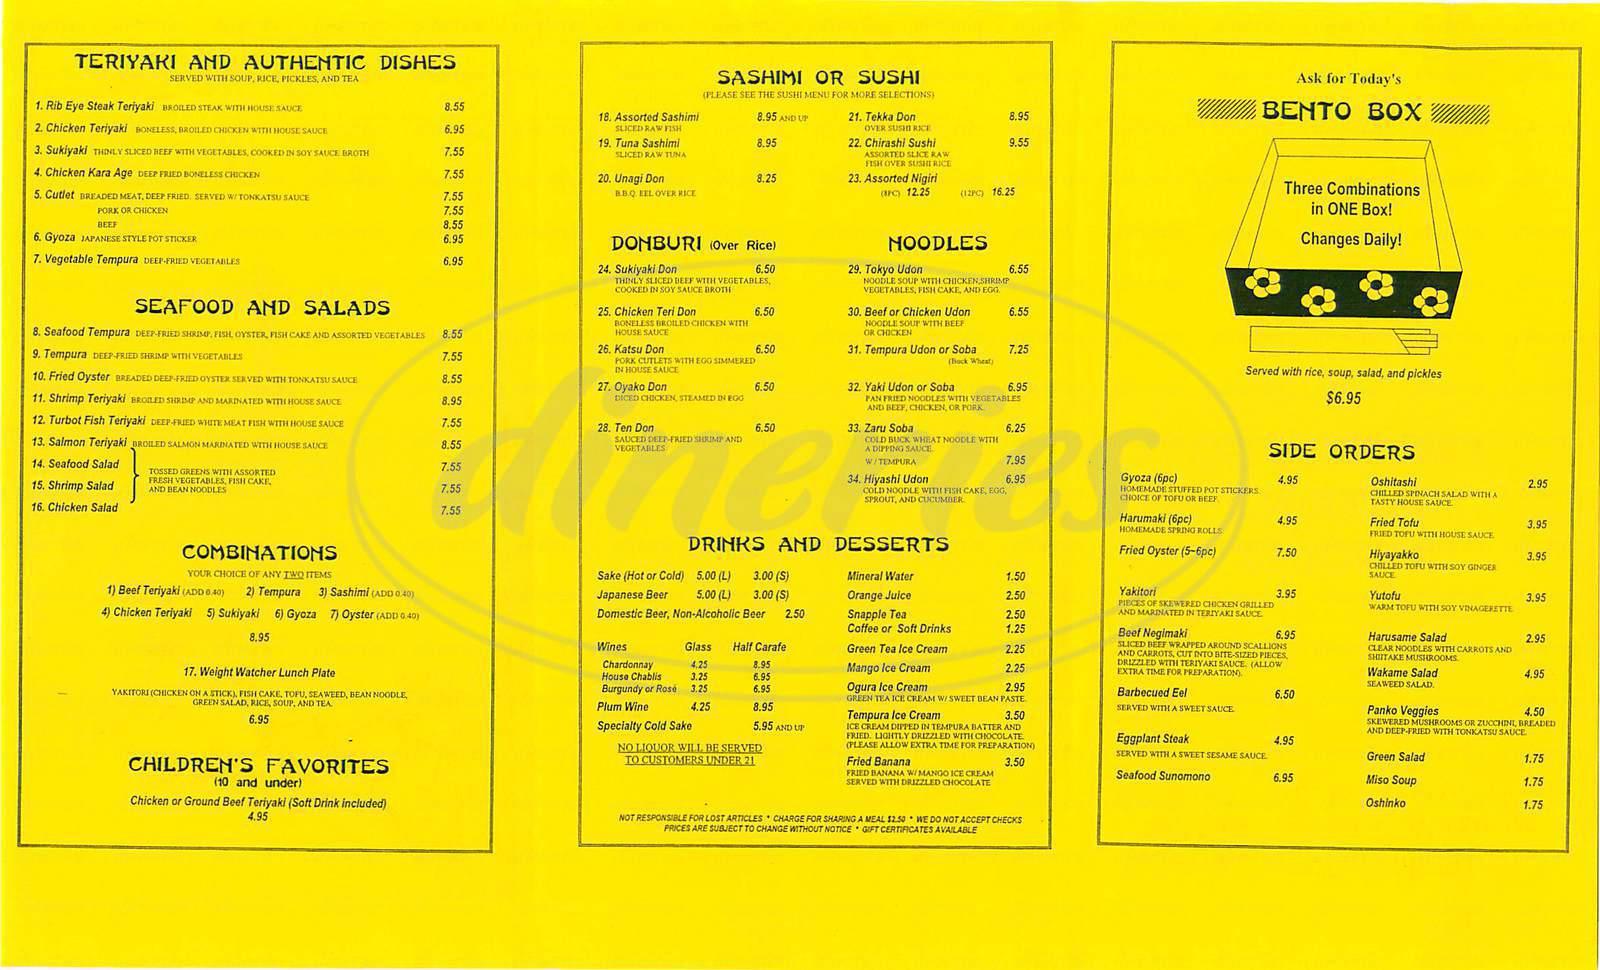 menu for Tokyo Teriyaki